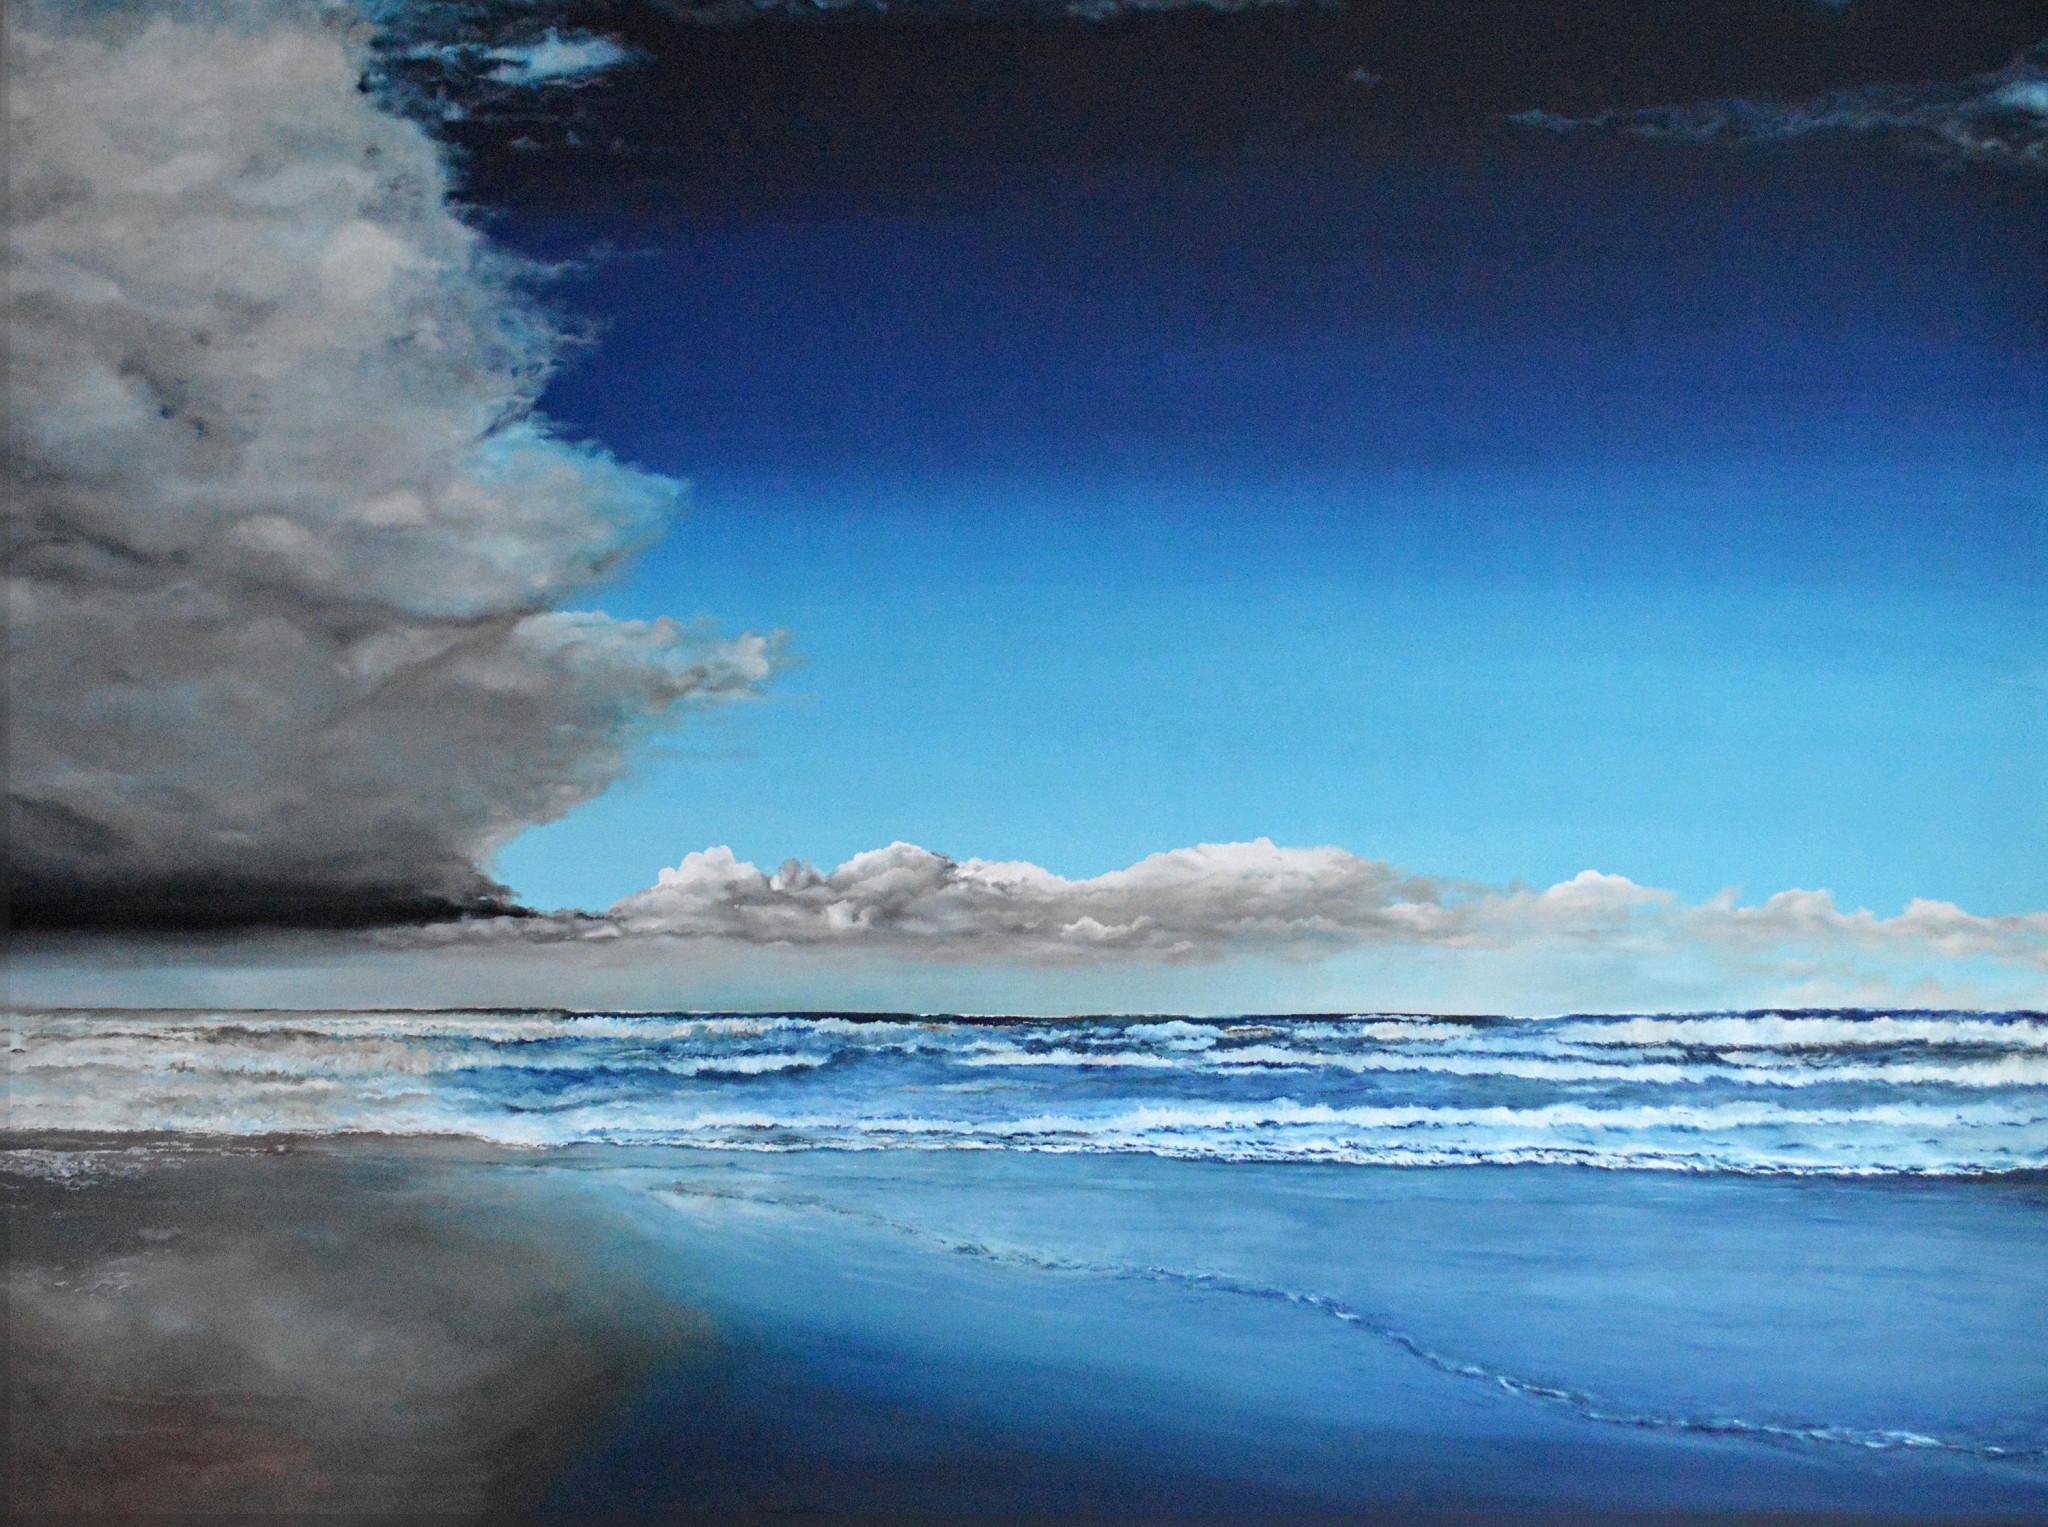 Wolken und Meer, 2014, Öl/Leinwand, 200 x 150 cm